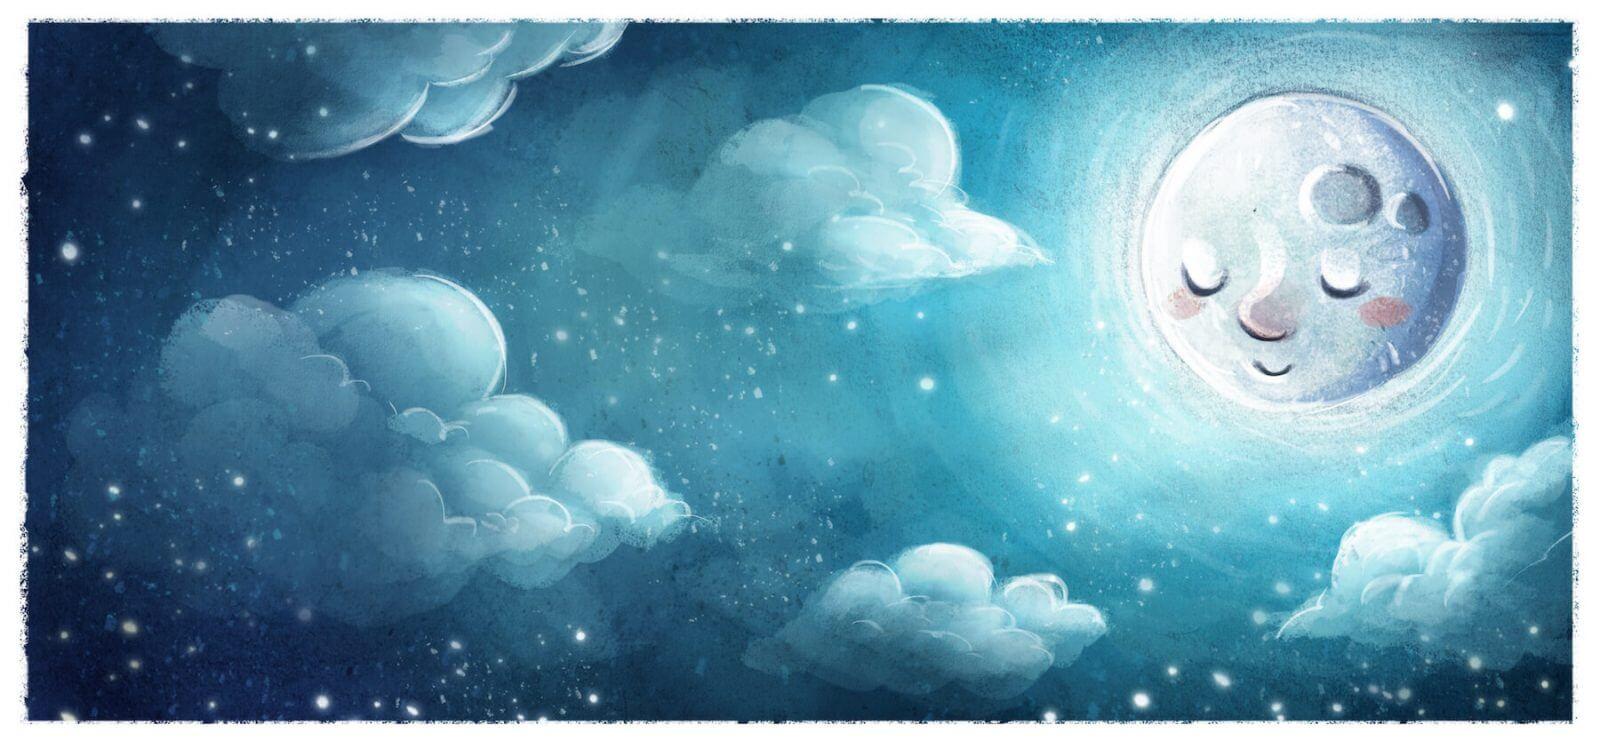 Nuestros sueños en función de los astros